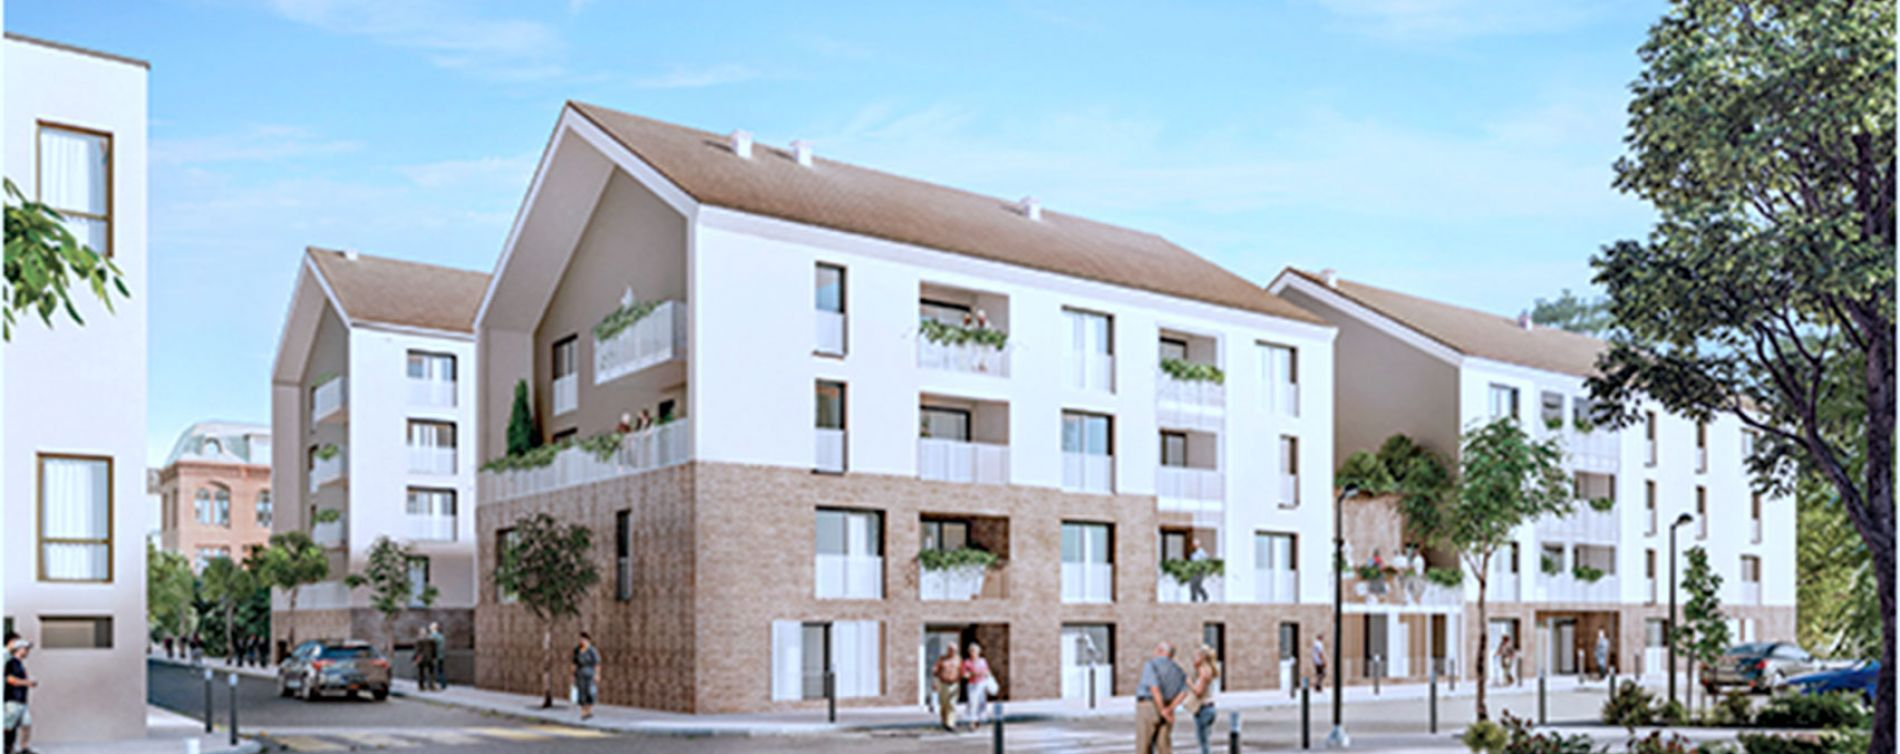 Résidence Les Villages d'Or Jouy-le-Moutier à Jouy-le-Moutier